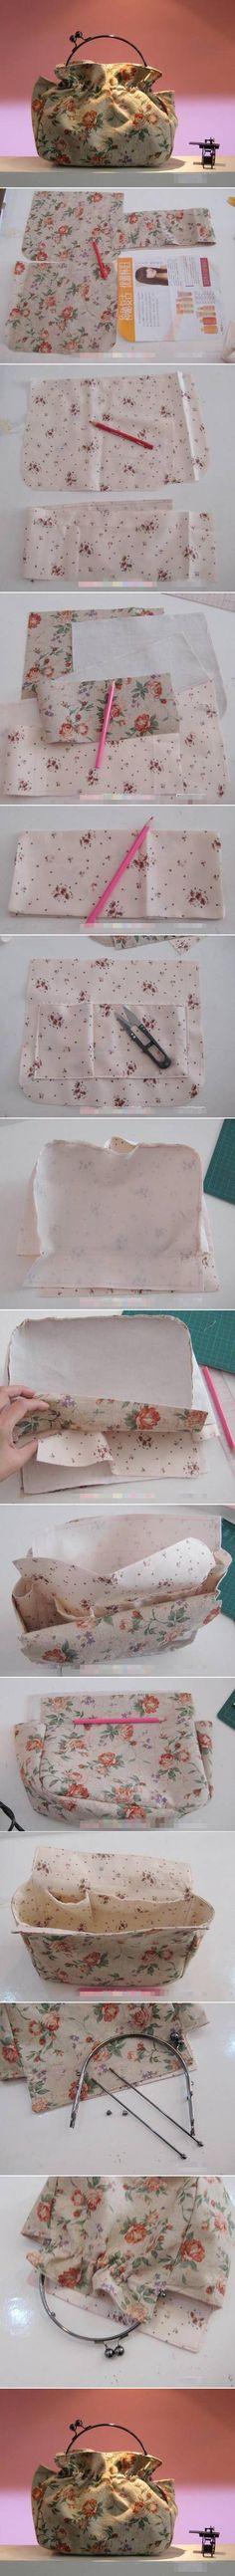 DIY Simple Handmade Handbag